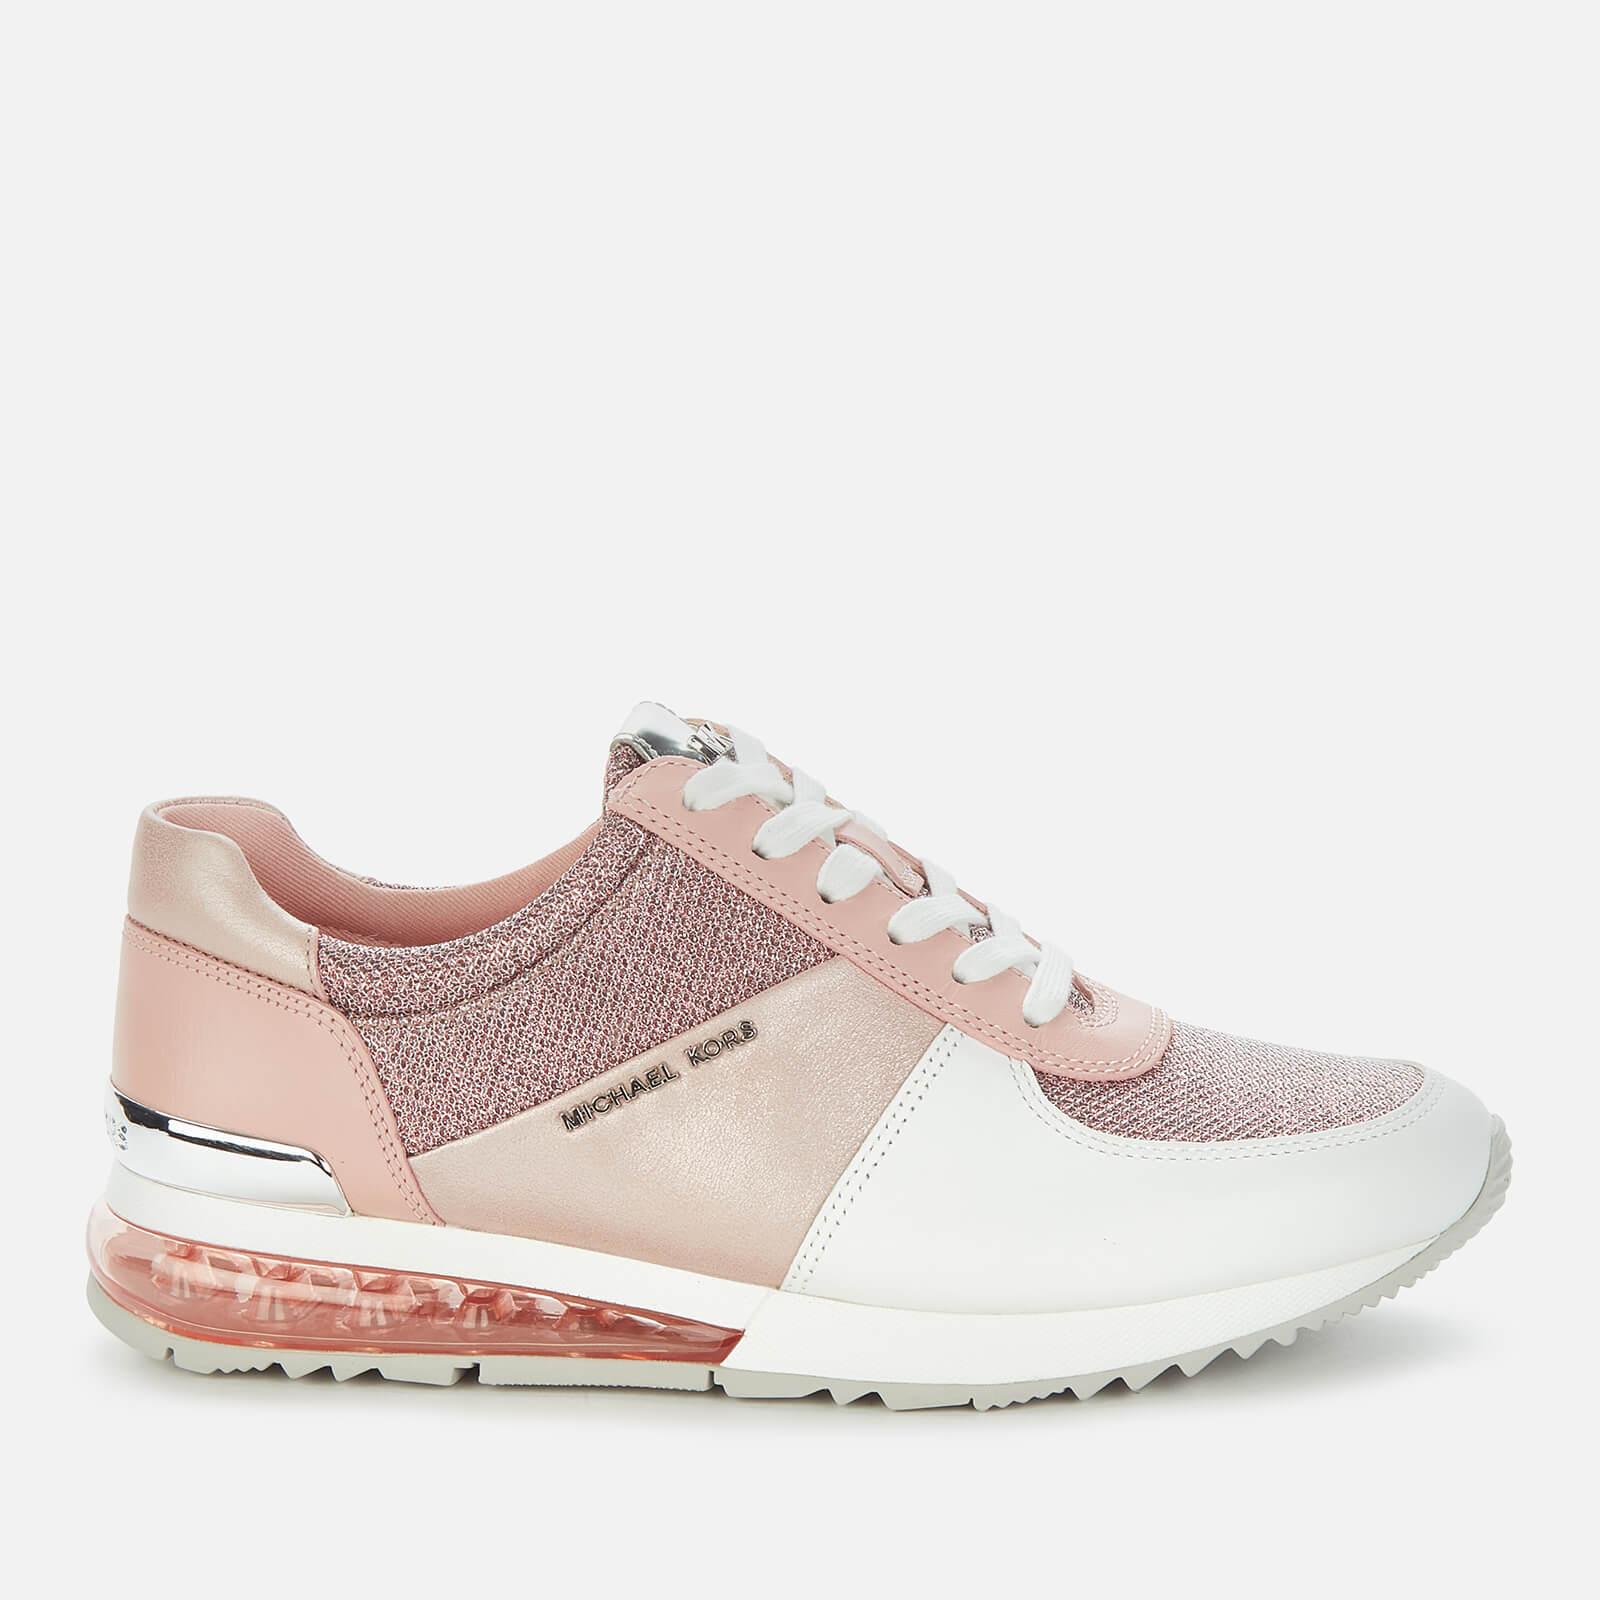 michael kors rose sneakers